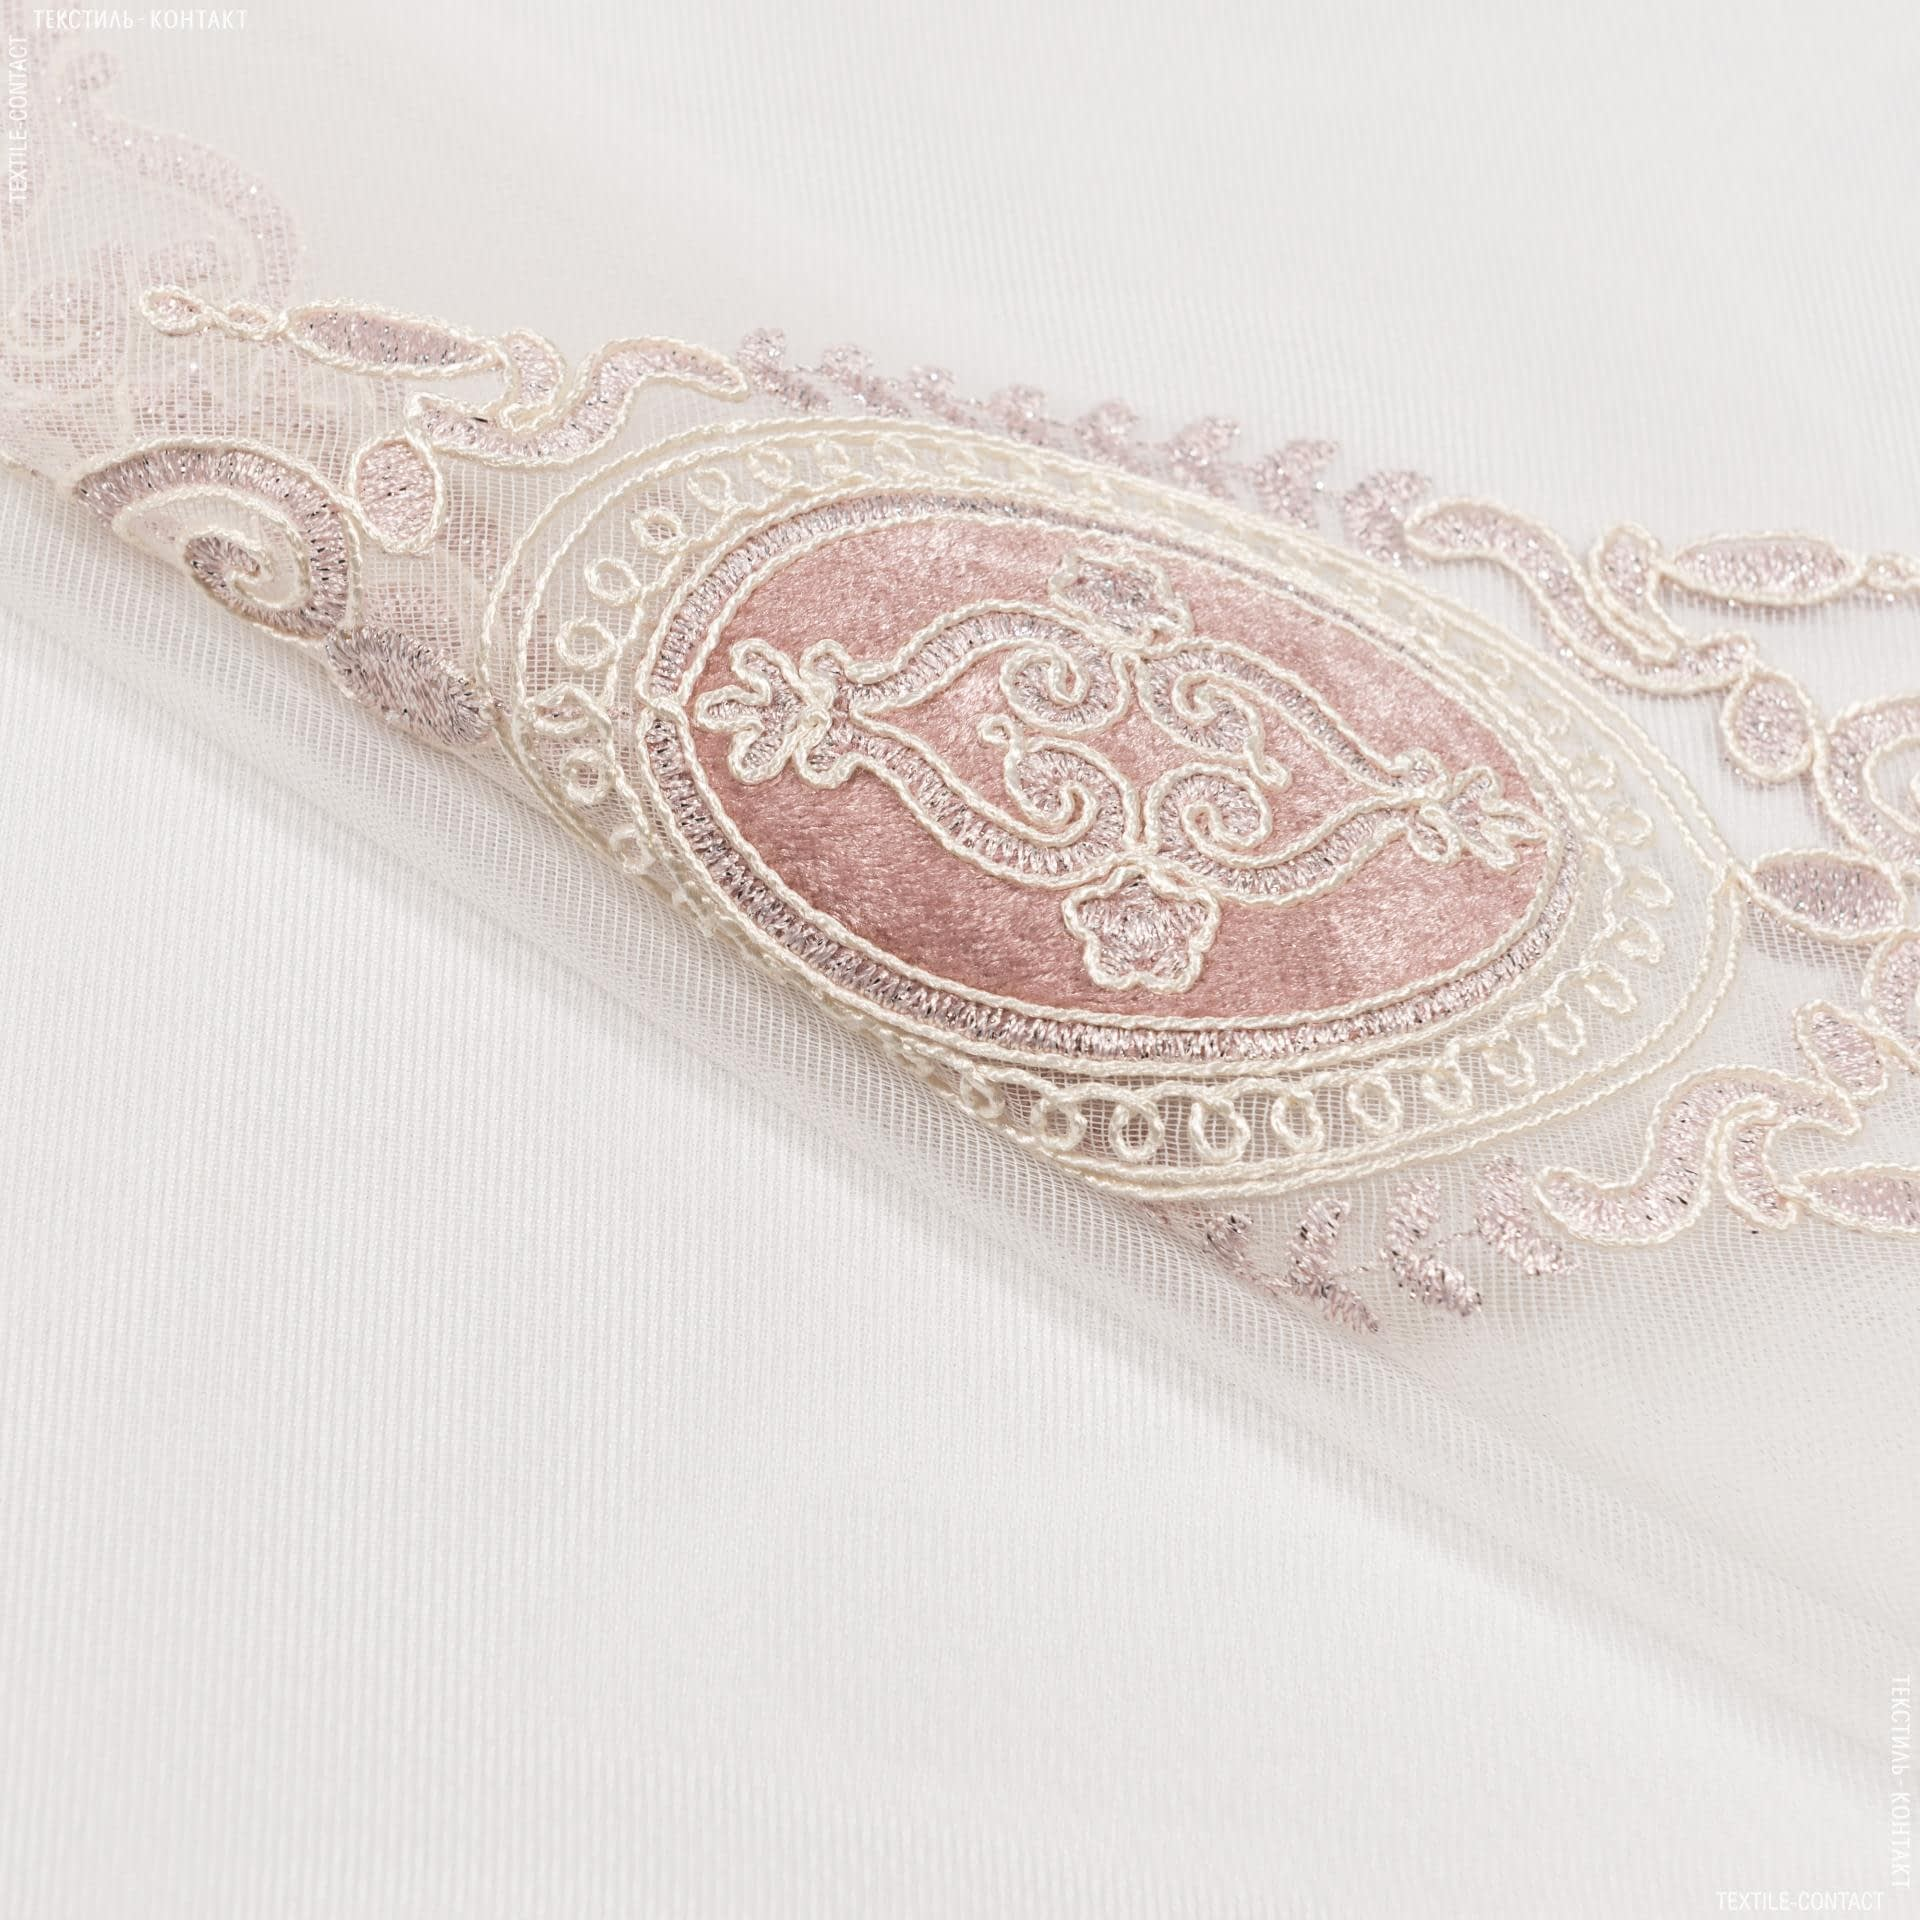 Ткани гардинные ткани - Тюль вышивка  фемида молочный,св.розовый с блеском